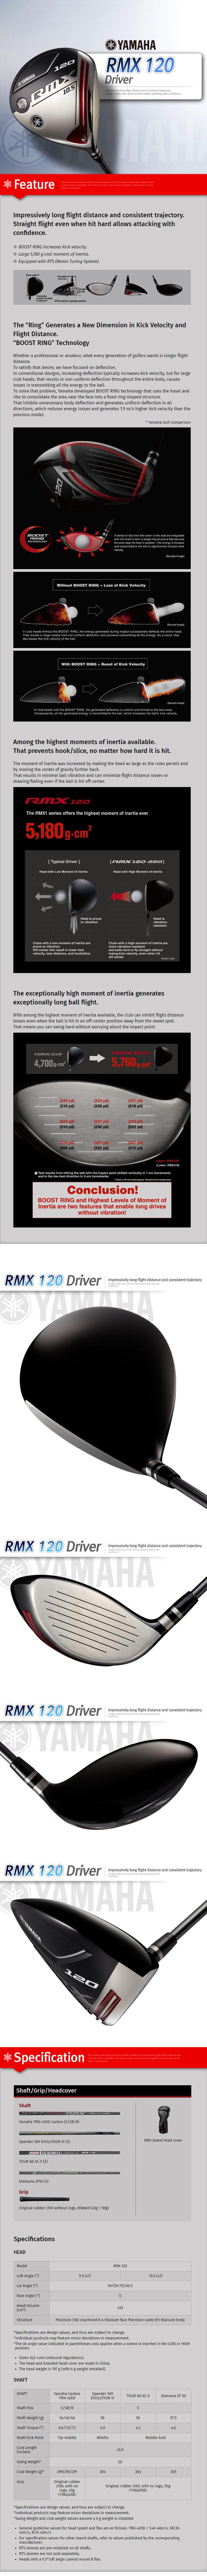 RMX120_D_desc.jpg